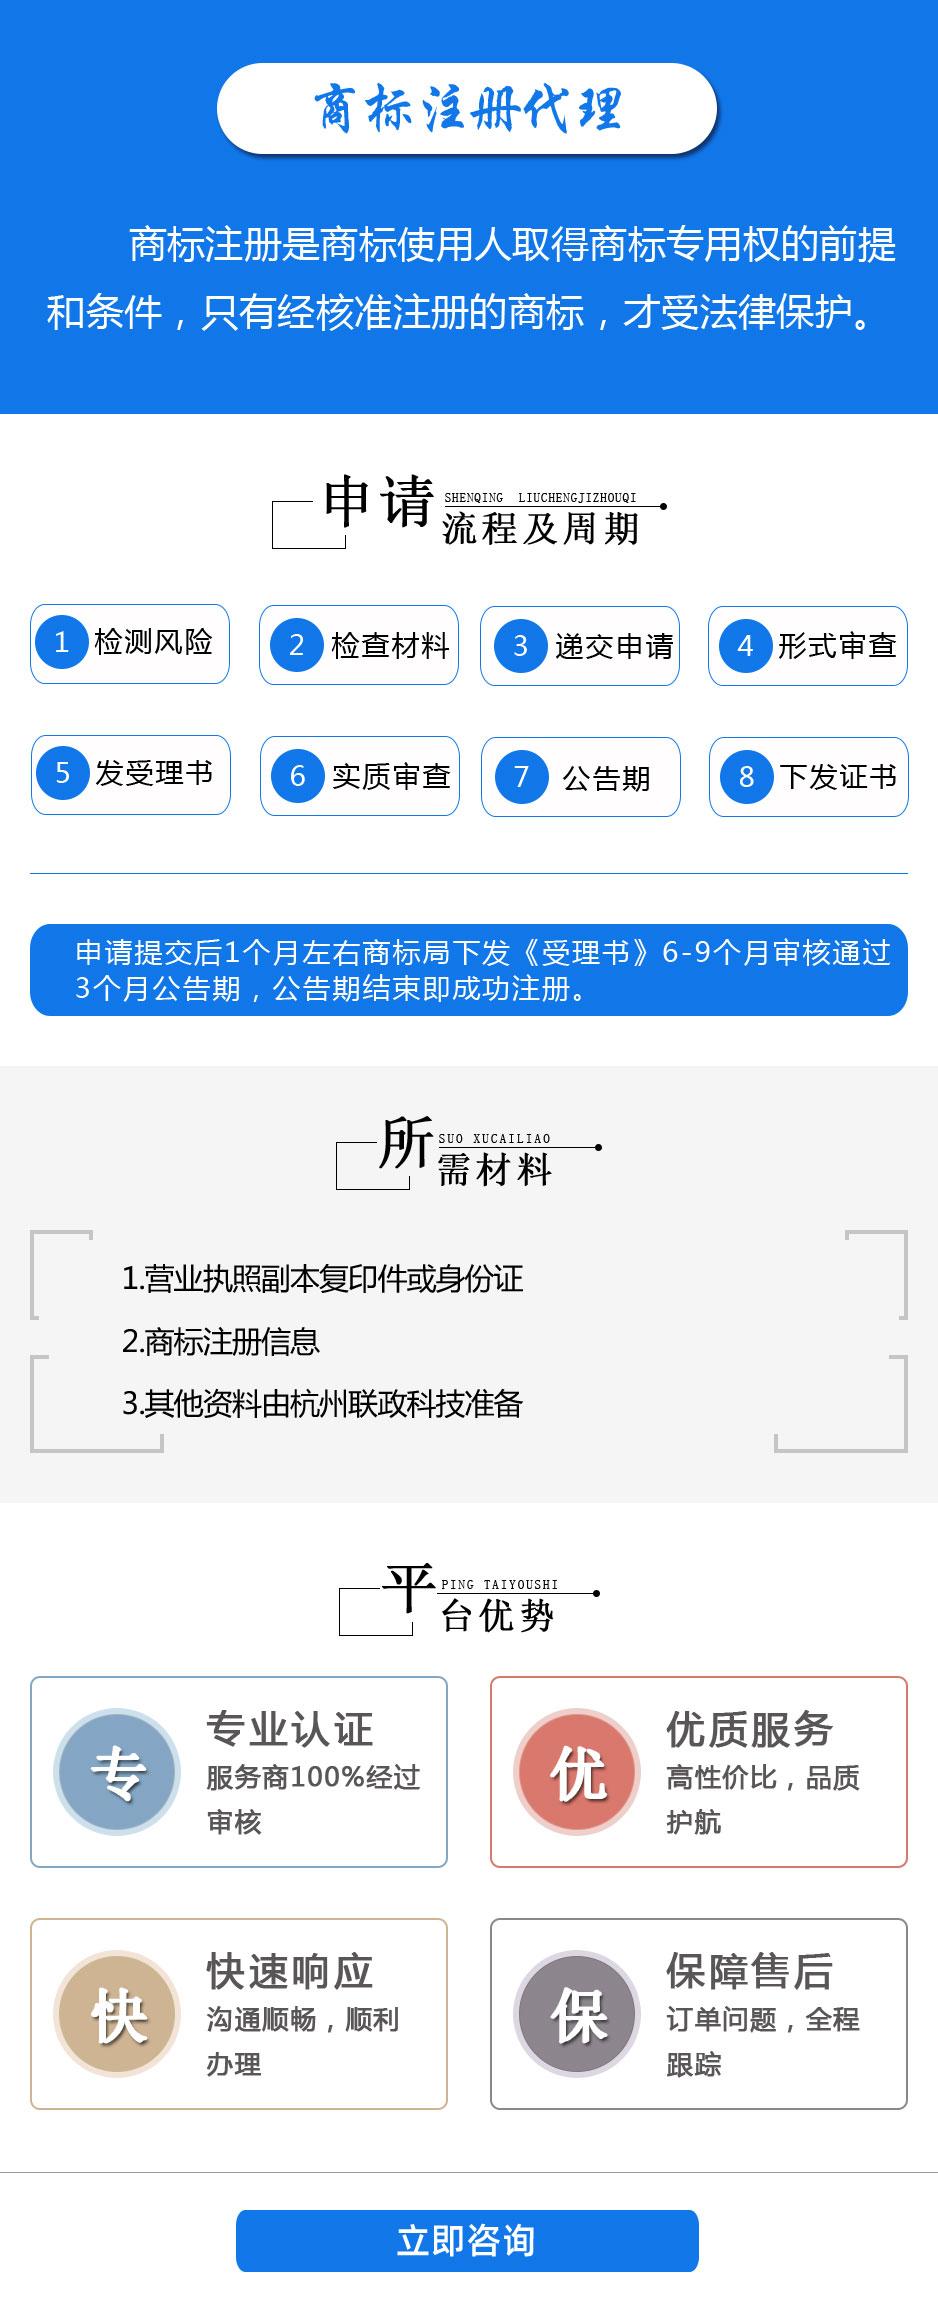 商标注册代理详情页.jpg